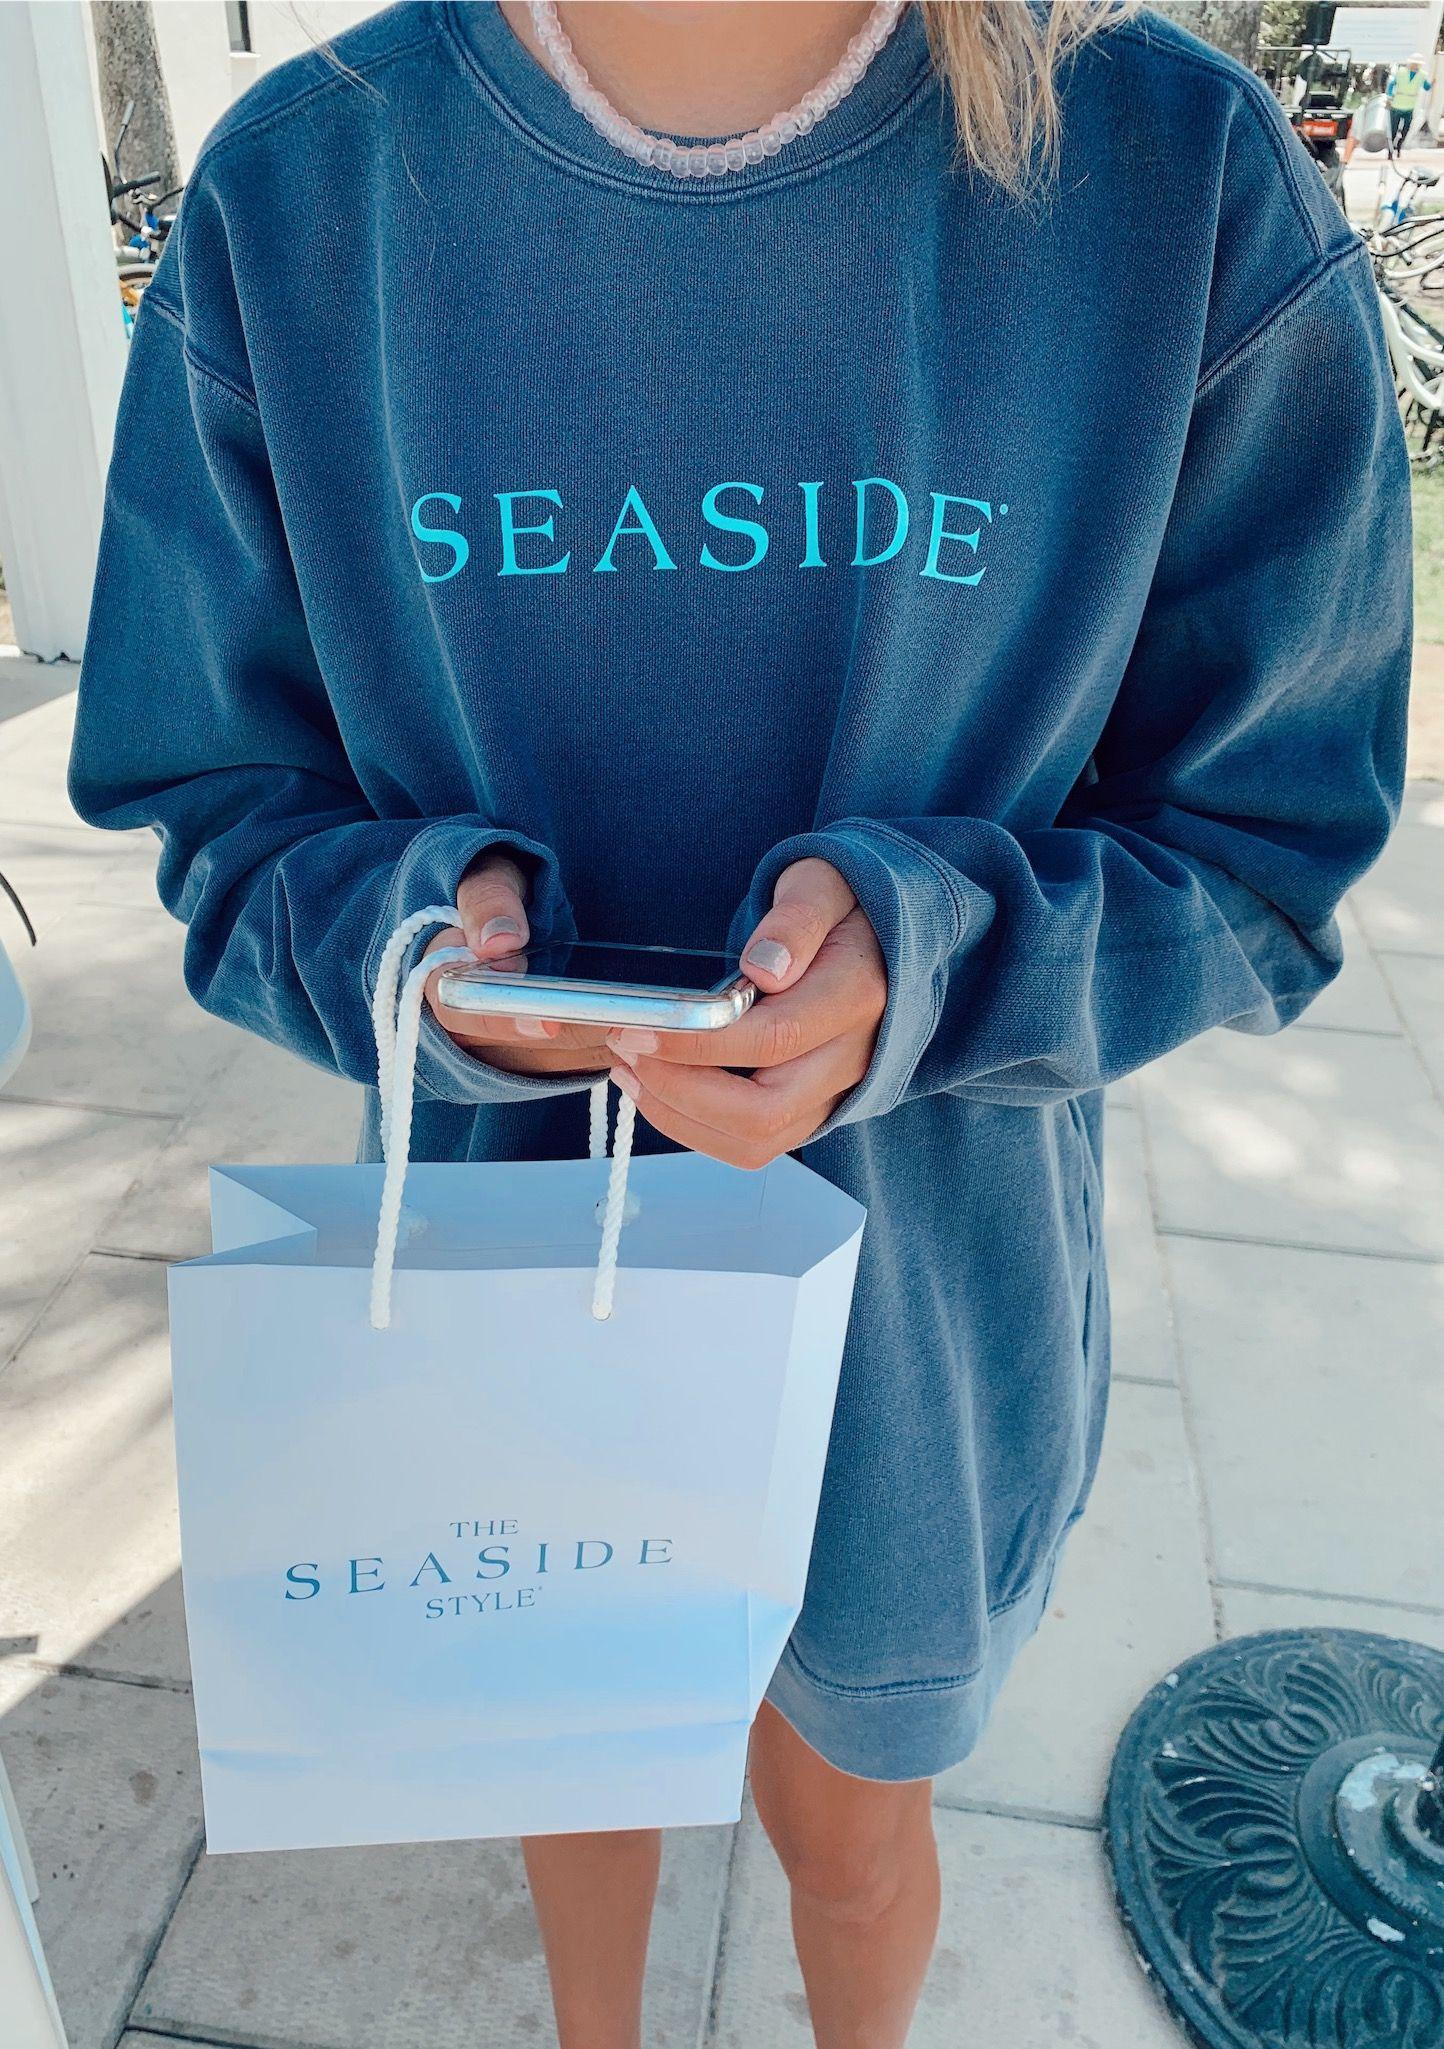 Seaside Florida Outfits Sweatshirts Seaside Sweatshirt [ 2049 x 1444 Pixel ]